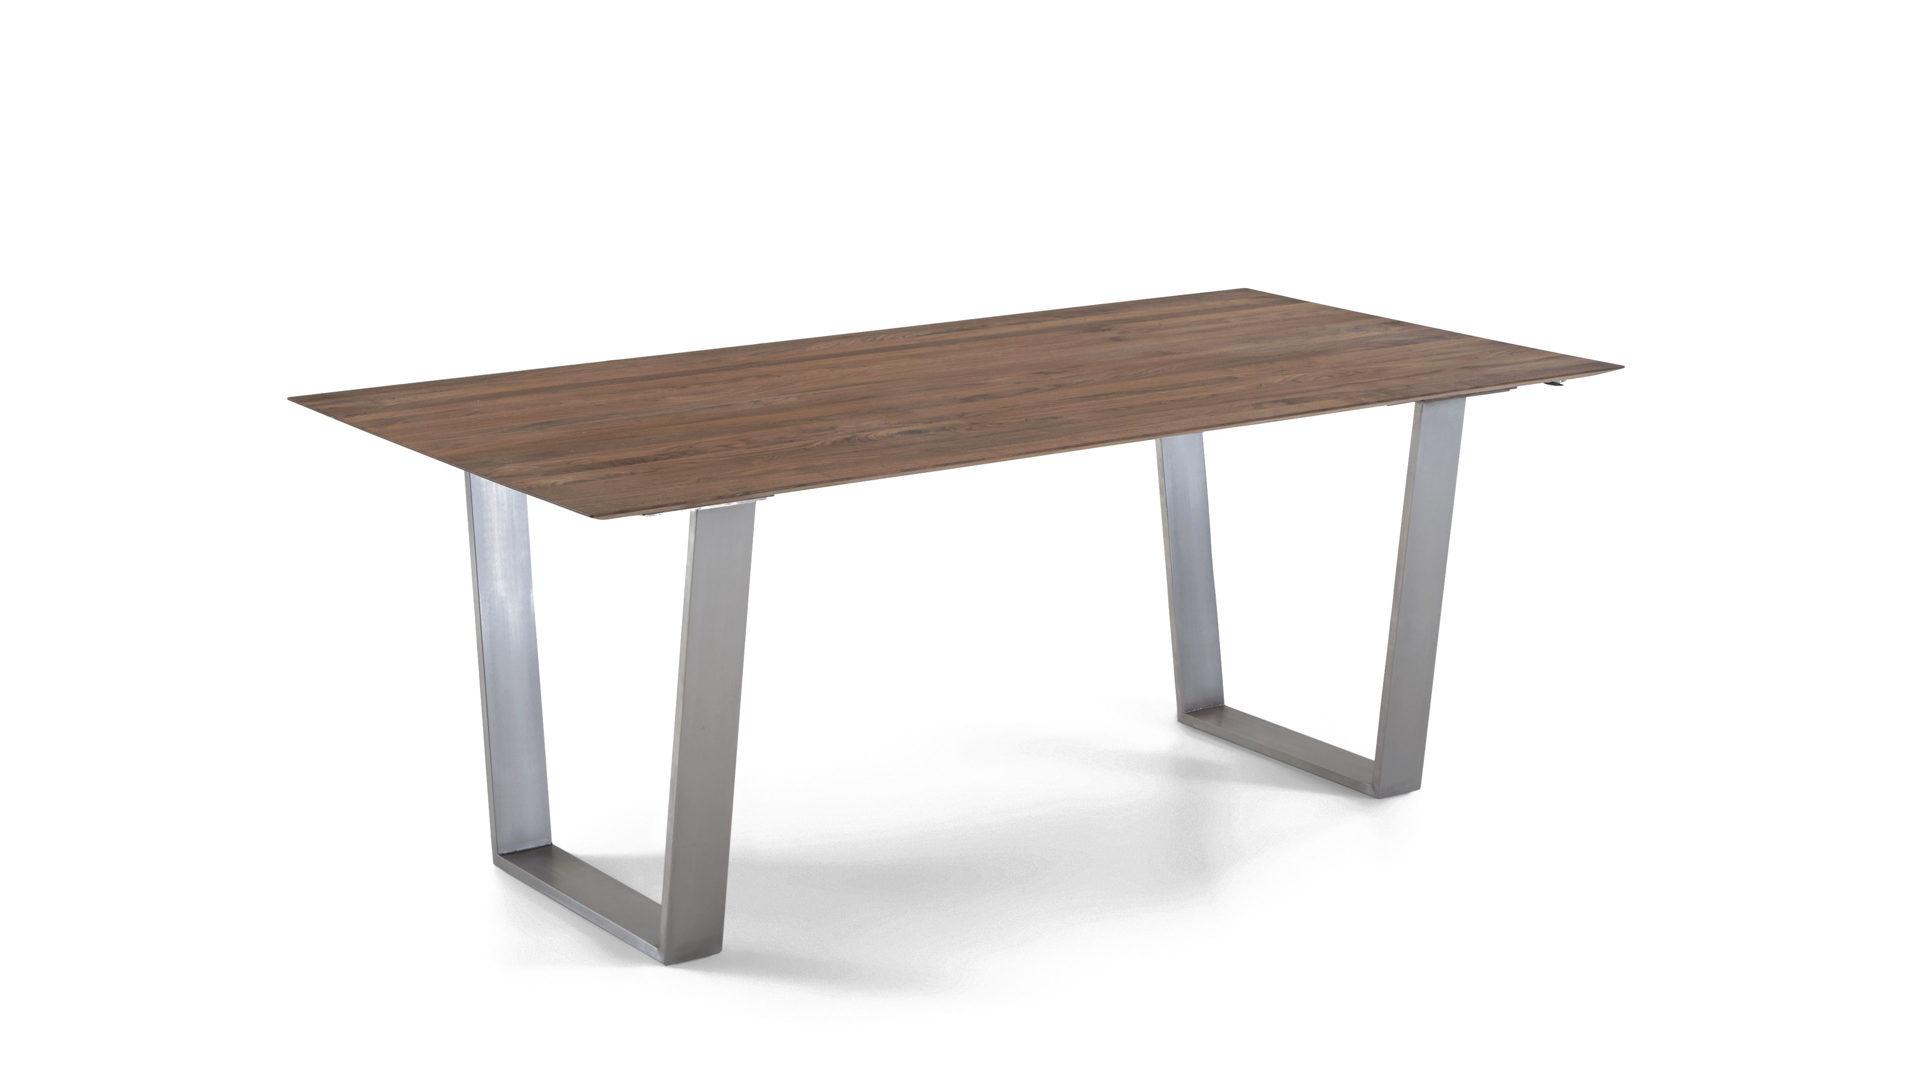 einrichtungspartner ring   lavie esstisch bzw. massivholztisch, Esstisch ideennn